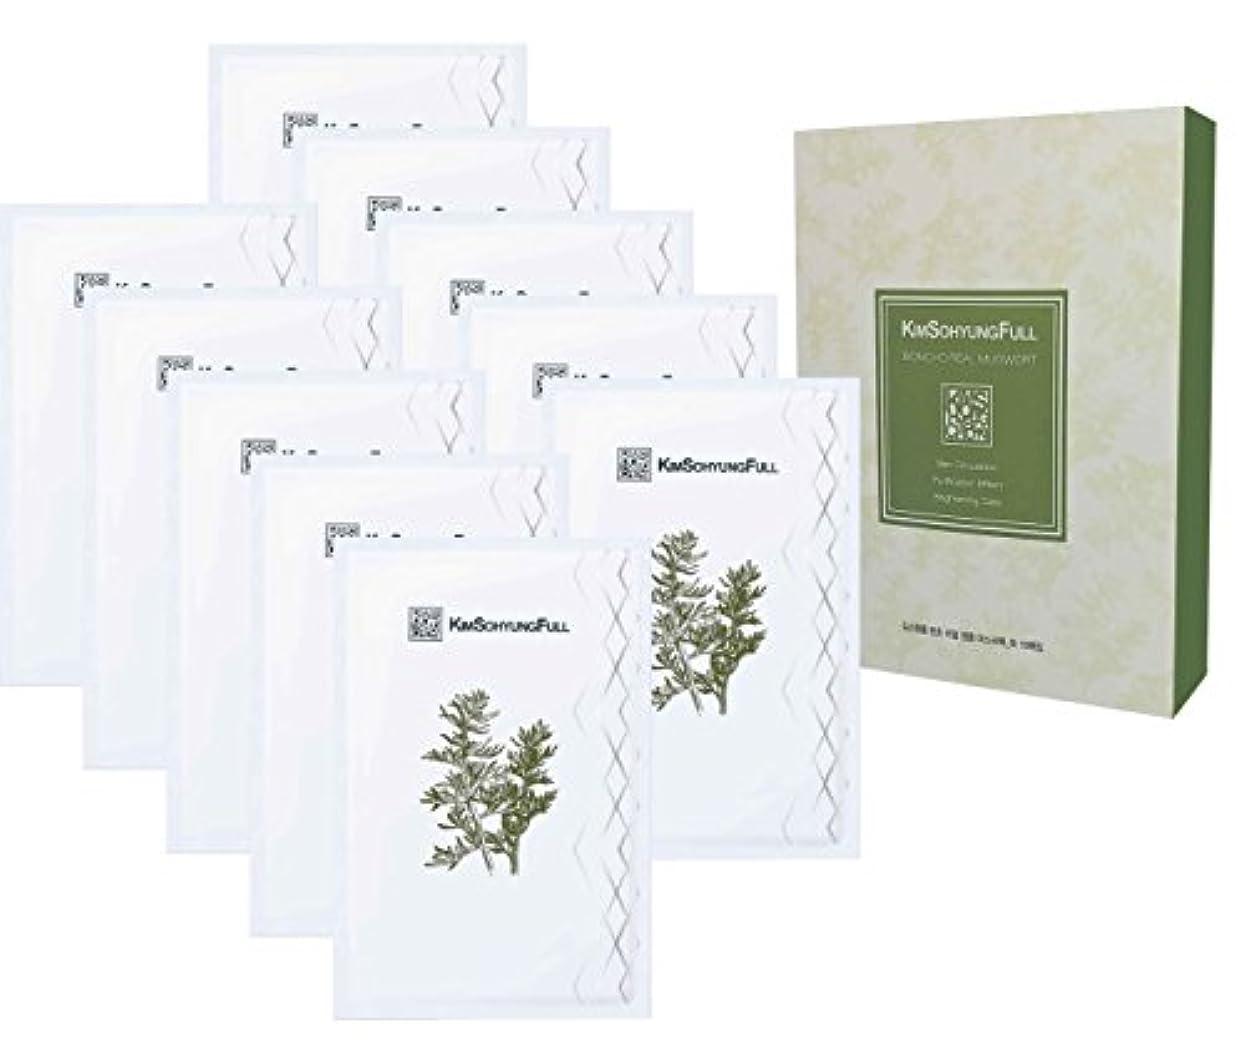 有料ミュートキャンディー[ギムソヒョンフル] 本草 本物のヨモギを使ったシートマスク10枚パック -本物のヨモギの葉を8%配合、革新的な3層式の100%天然植物由来シート、23ml / 0.77液体オンス